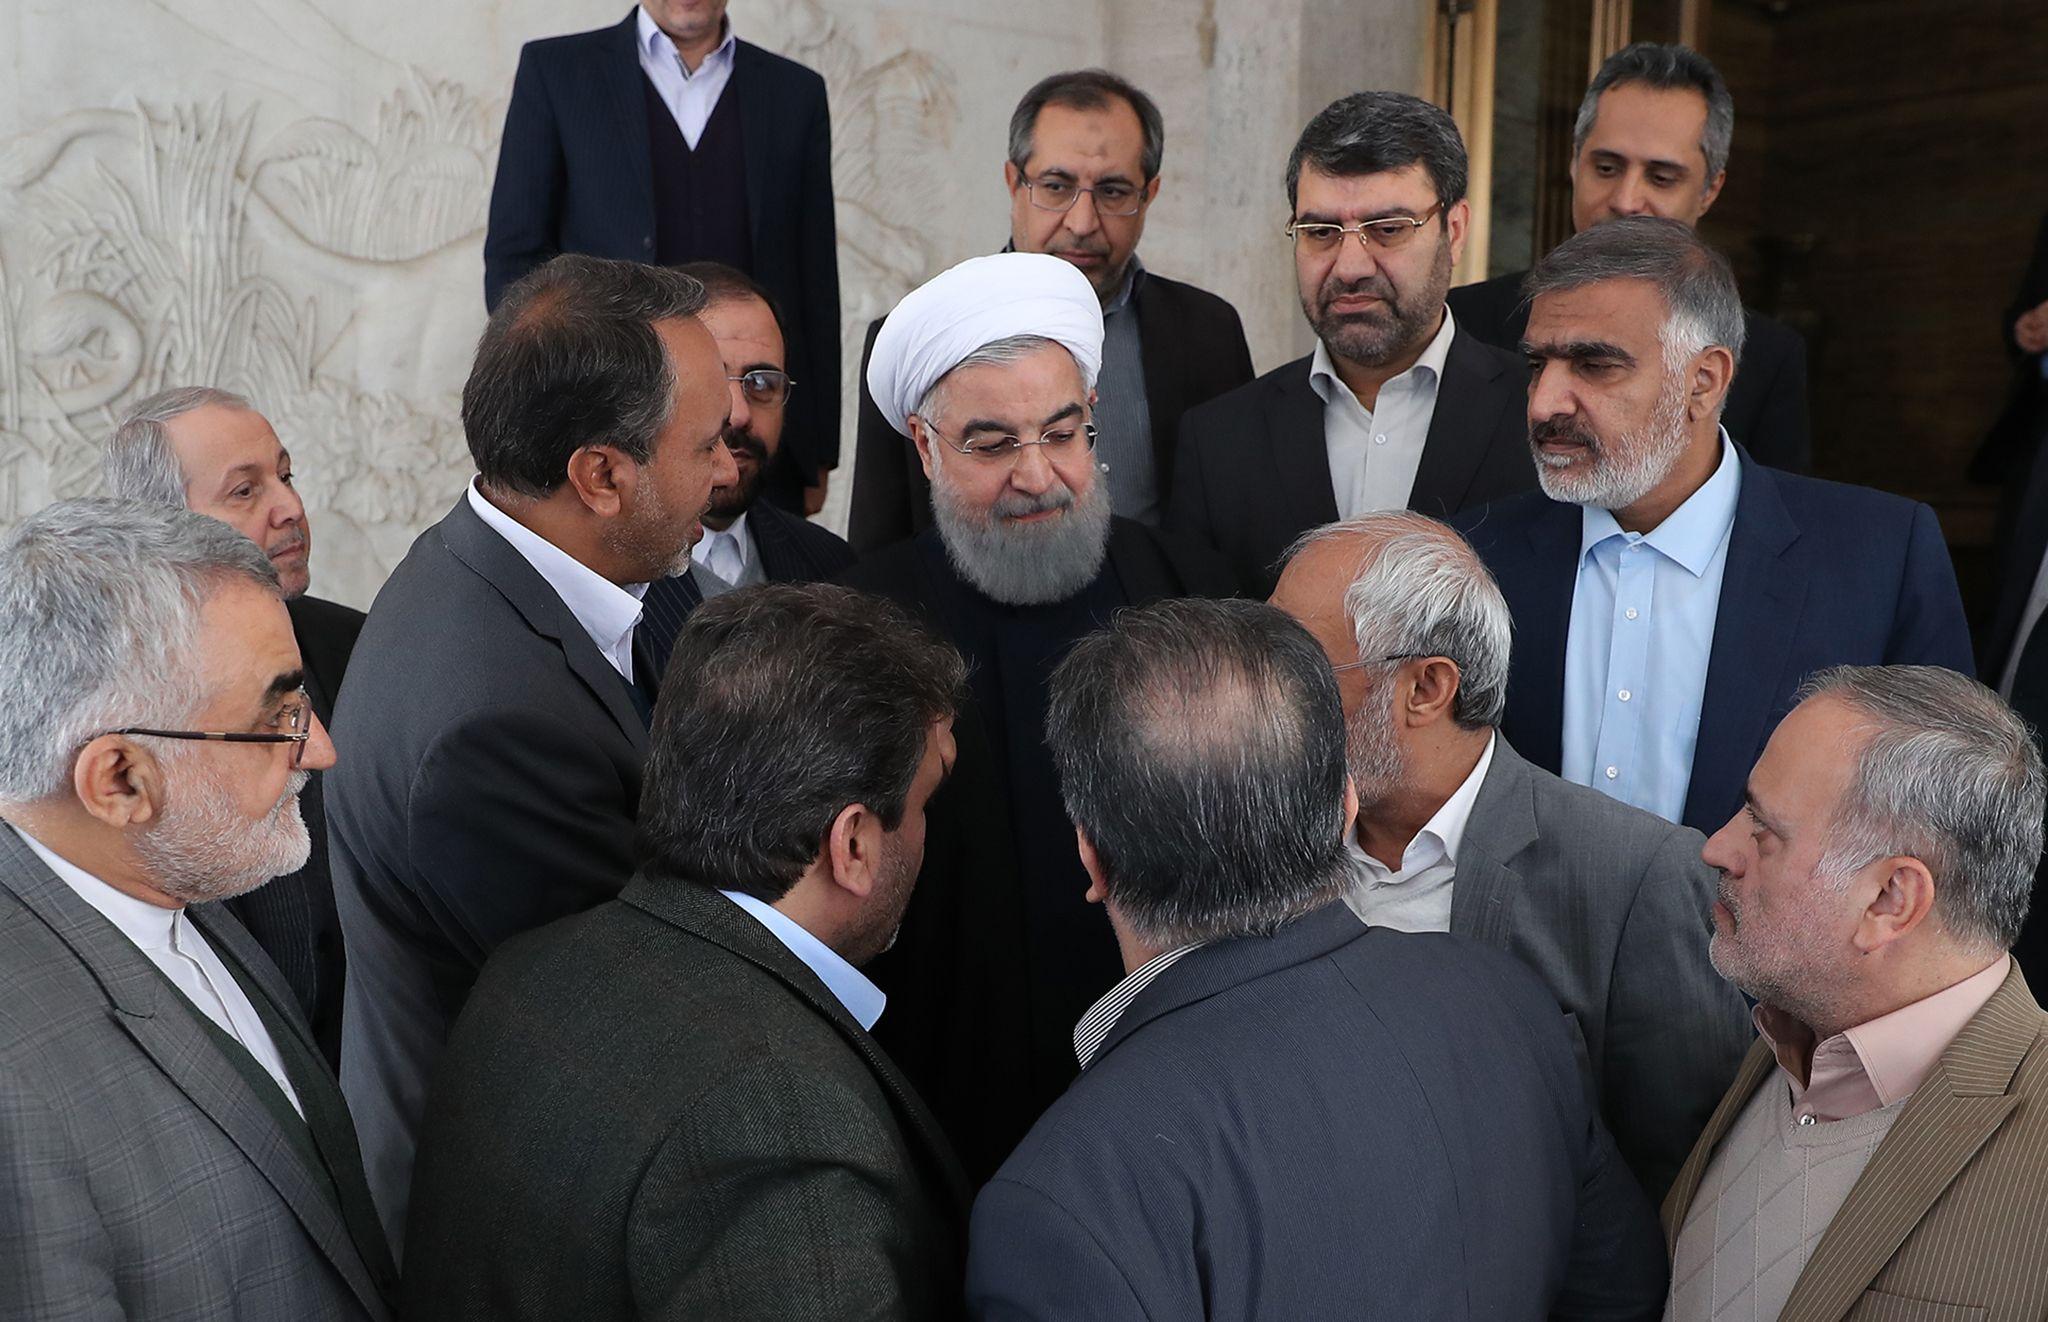 358417-صور-اجتماع-حسن-روحانى-وأعضاء-البرلمان-الإيرانى-(4)